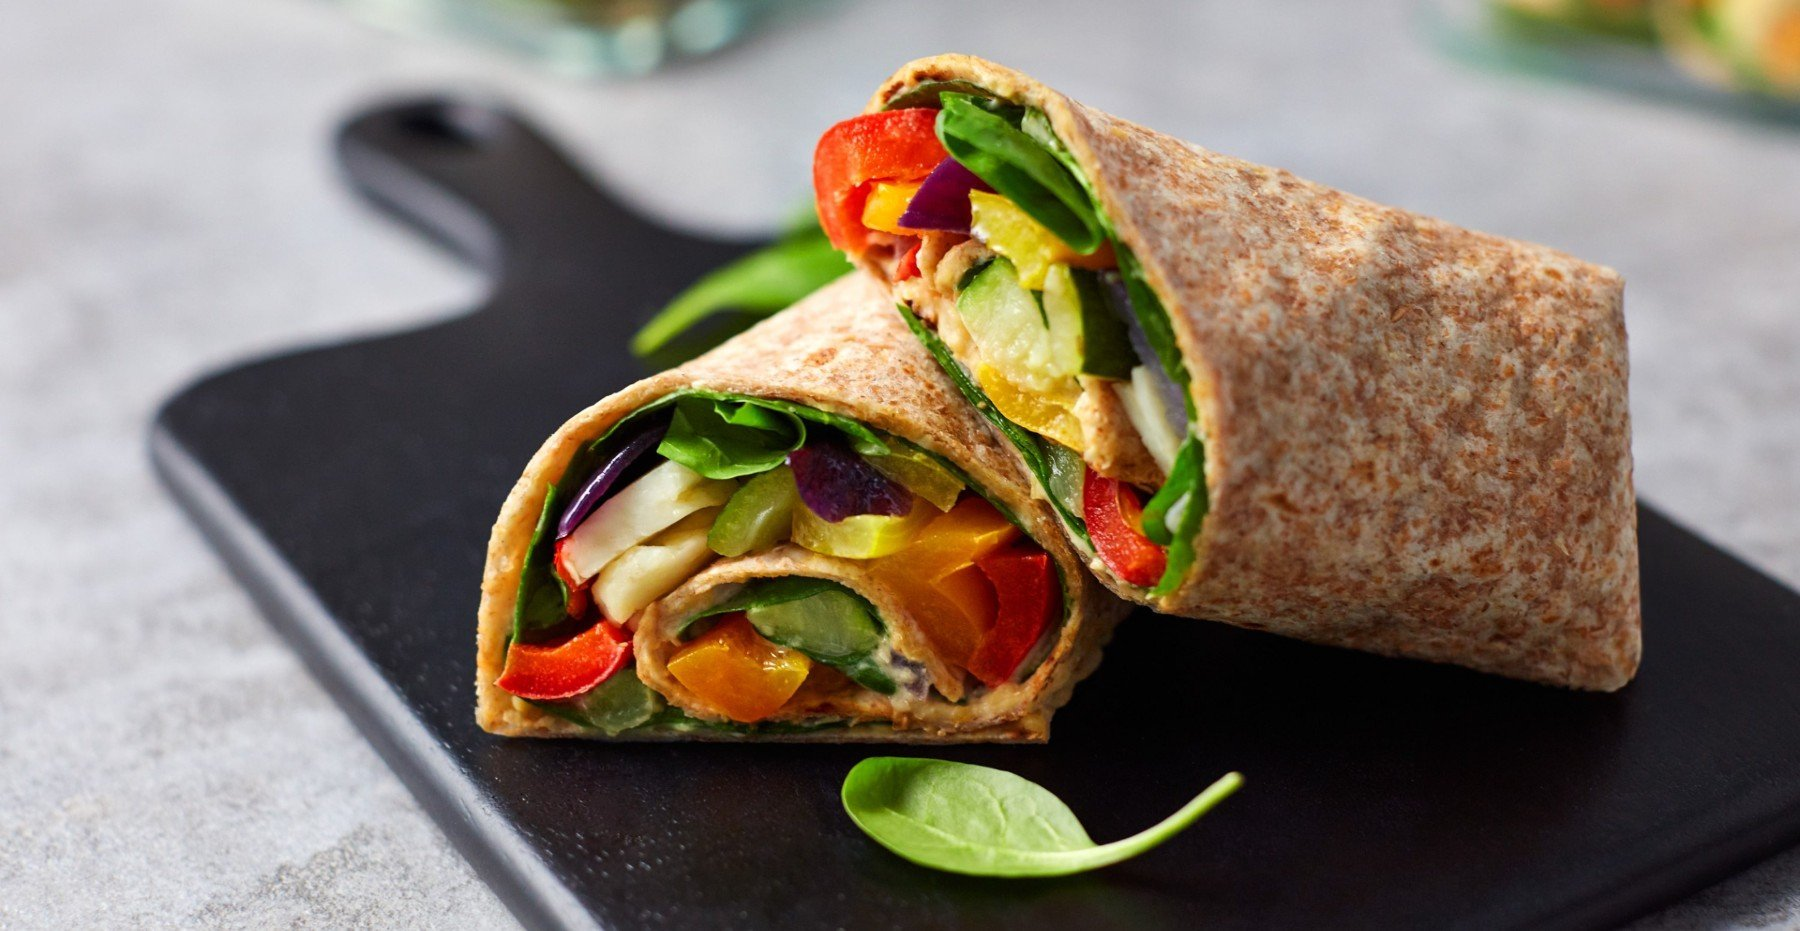 Geröstete Halloumi Wraps vom Blech | Ausgewogene Mahlzeiten